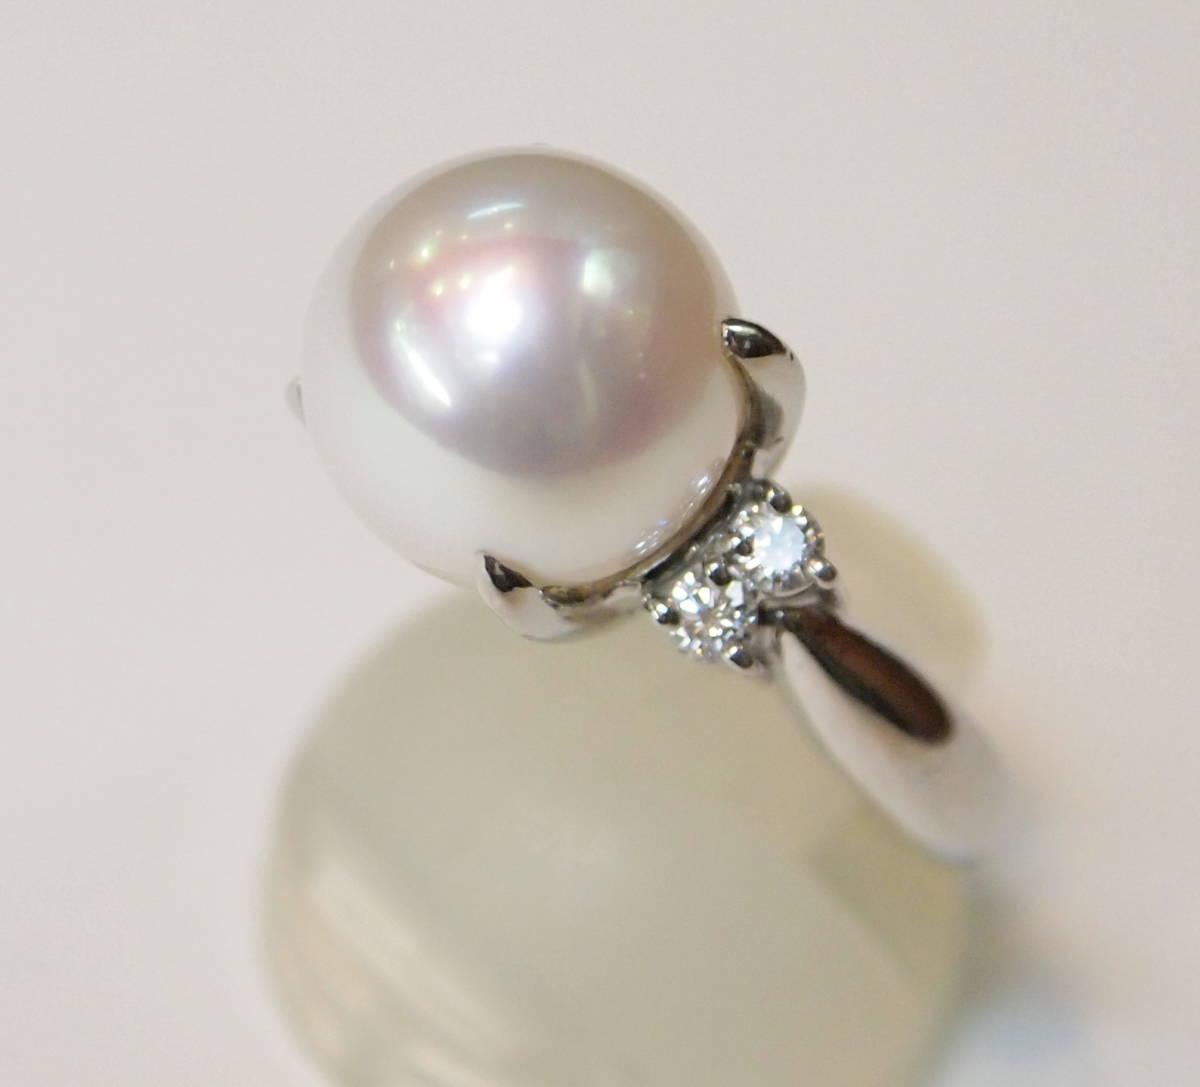 新品 送料無料 プラチナ900製 11.3ミリ 南洋 白蝶真珠 ダイヤ入り シンプル リング/Pt/パール 指輪/在庫処分/定番 フォーマル 冠婚葬祭_長く使えるベーシックなデザインです。